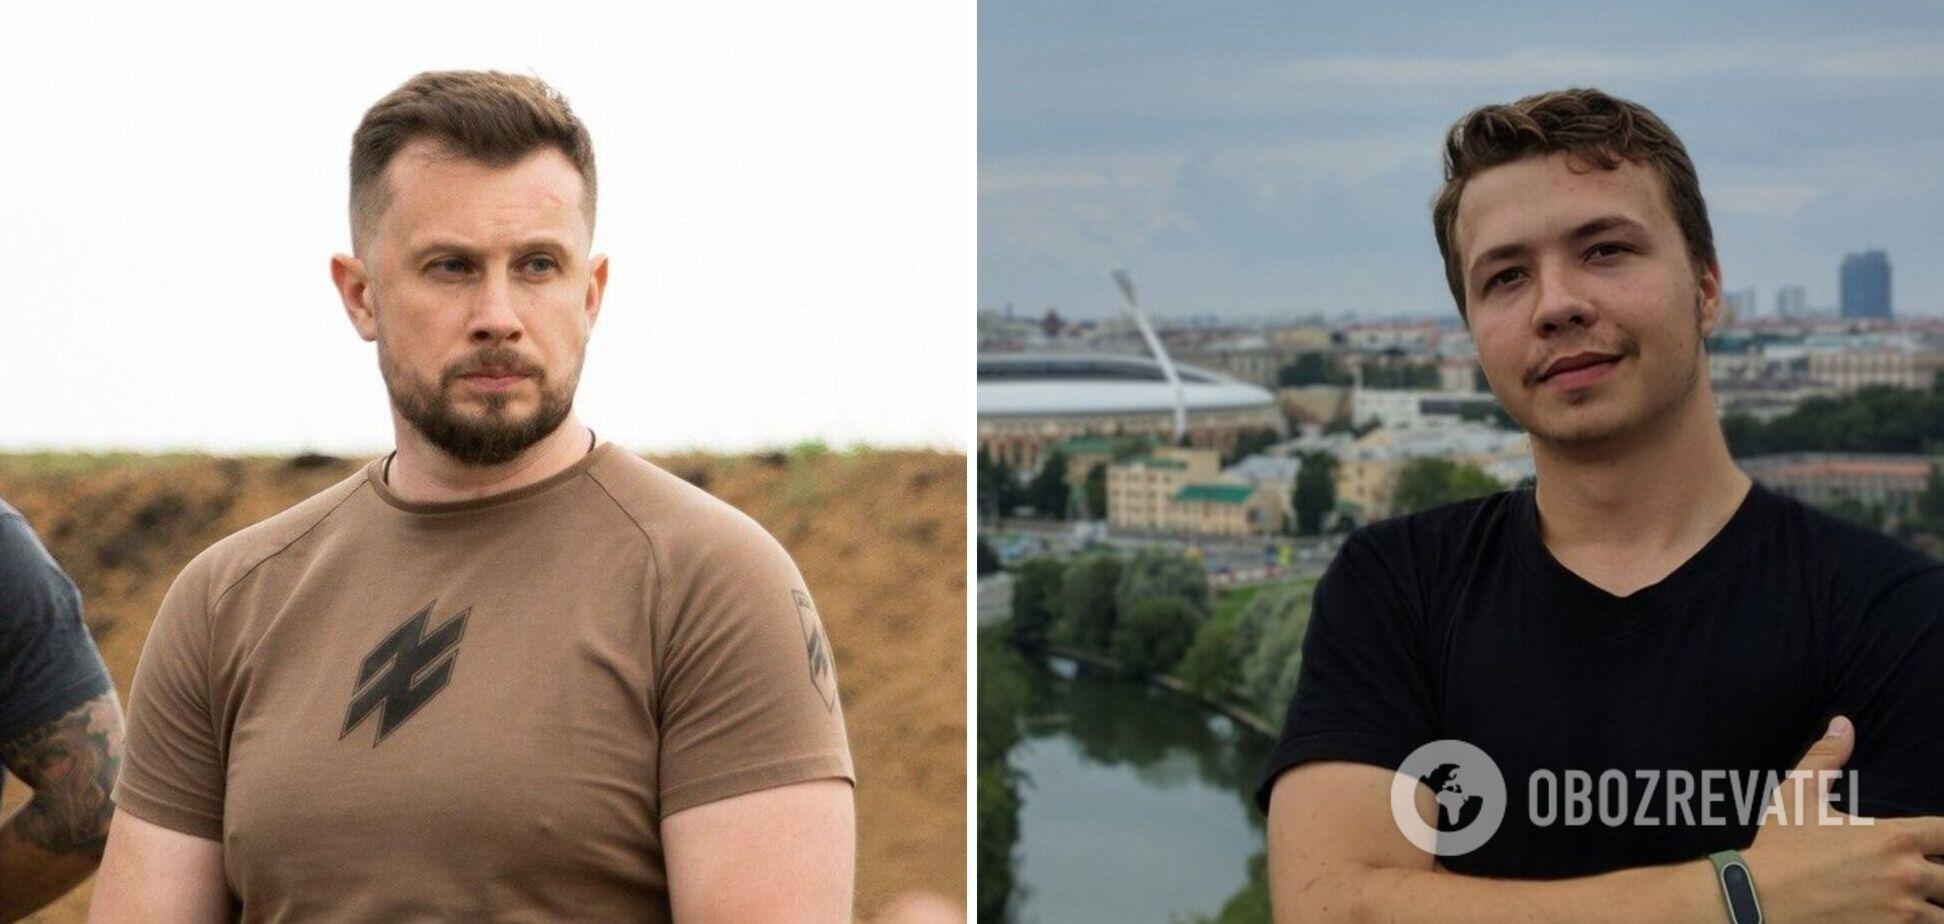 Екскомандир 'Азова' відповів, чи брав Протасевич участь у війні на Донбасі